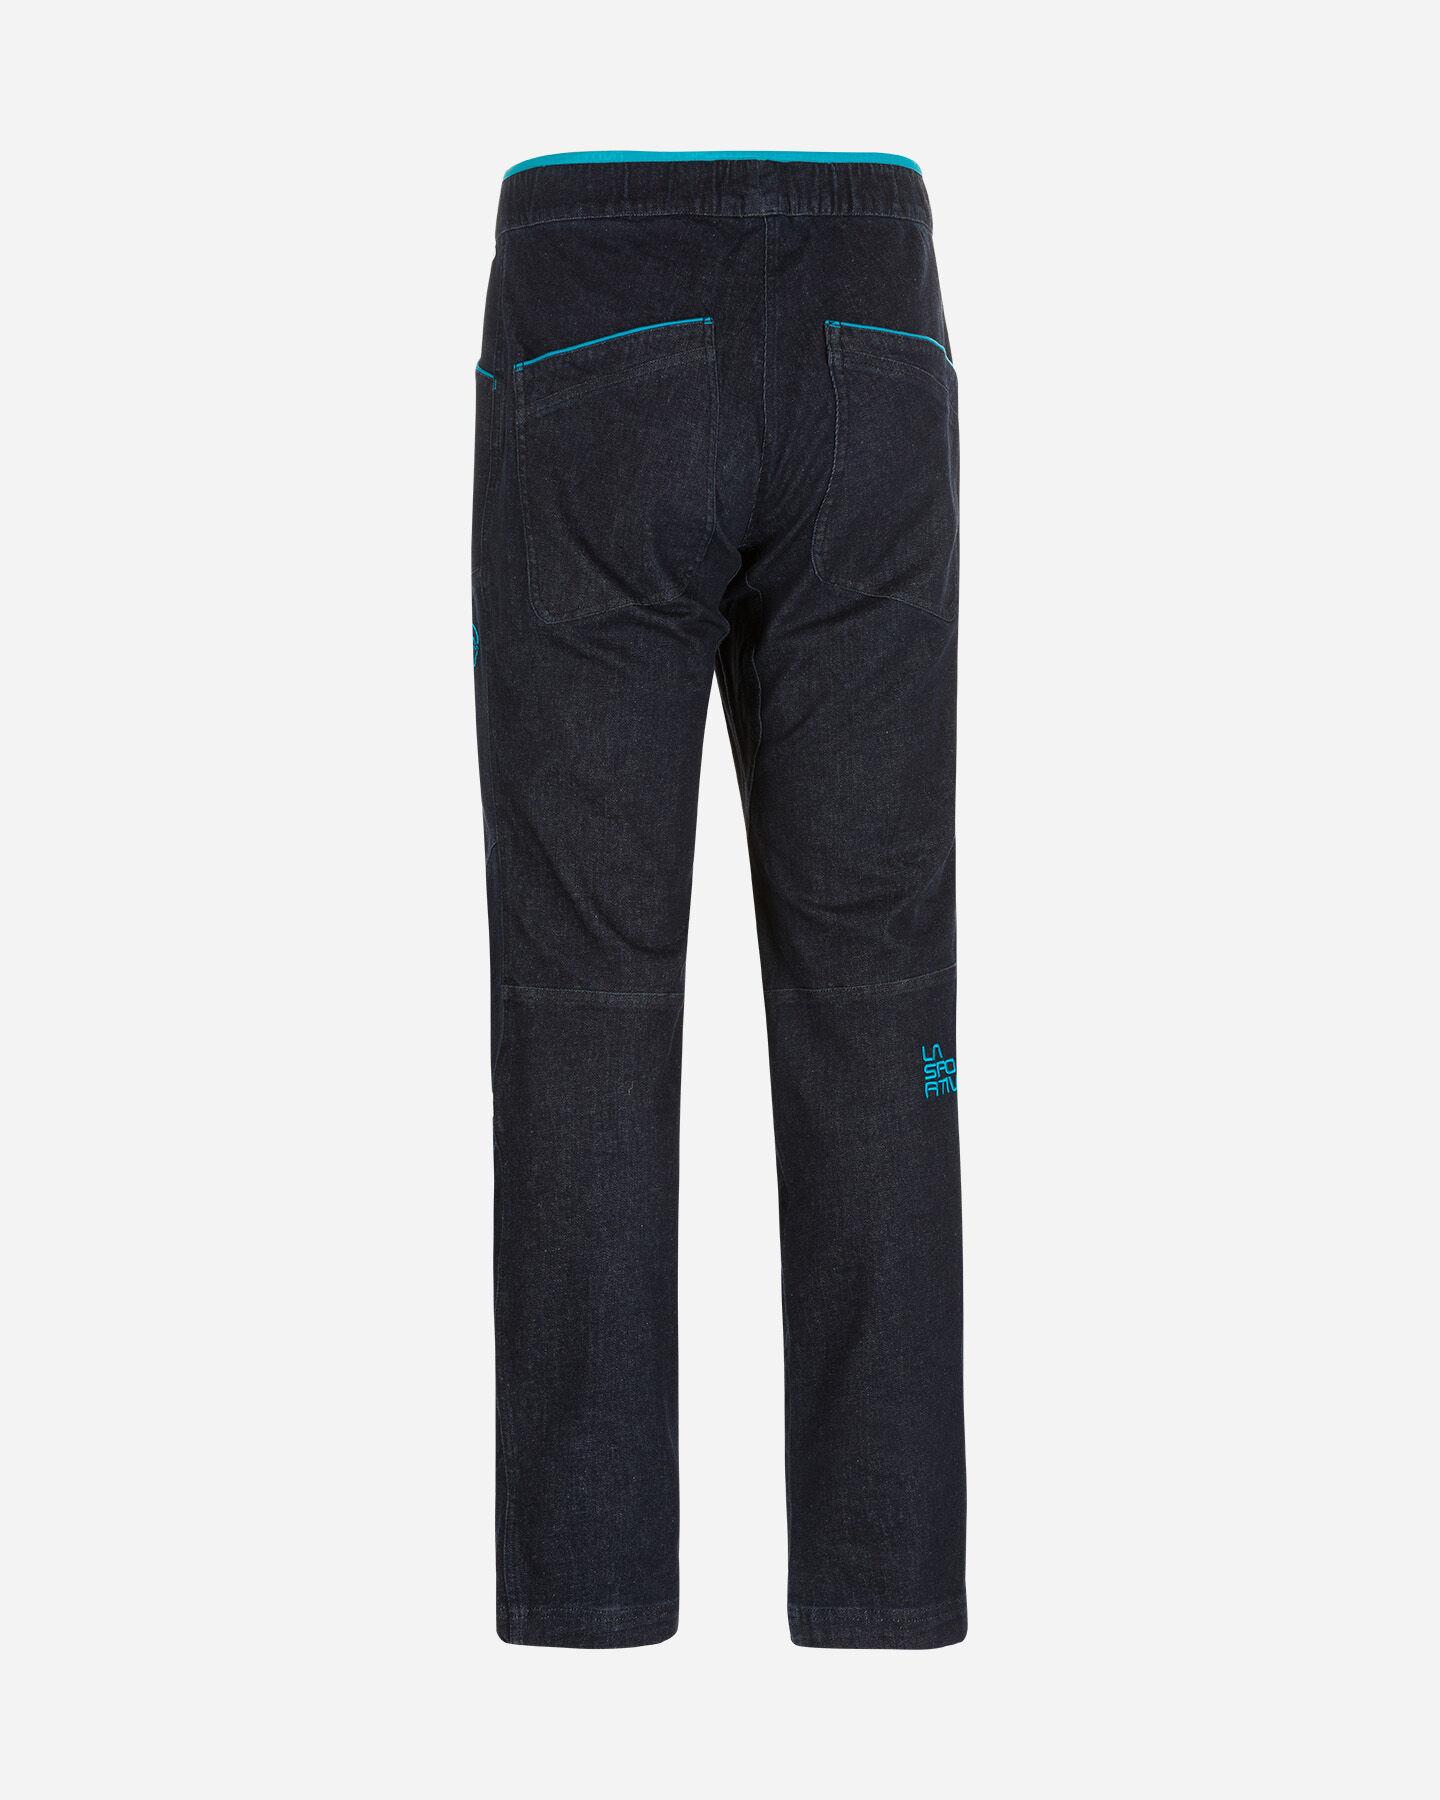 Pantalone outdoor LA SPORTIVA BRAVE M S5198568 scatto 1